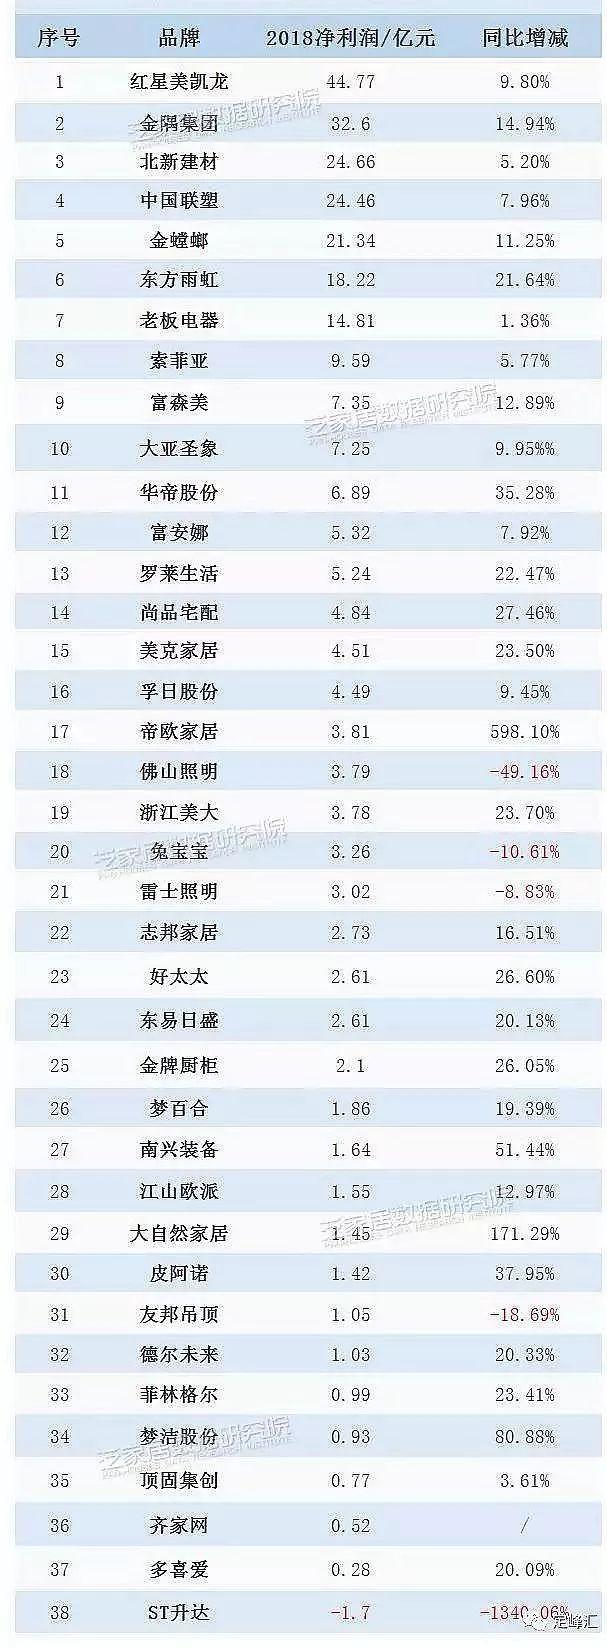 41家家居企业2018年业绩:12家营收增长不超10%,7家净利润负增长